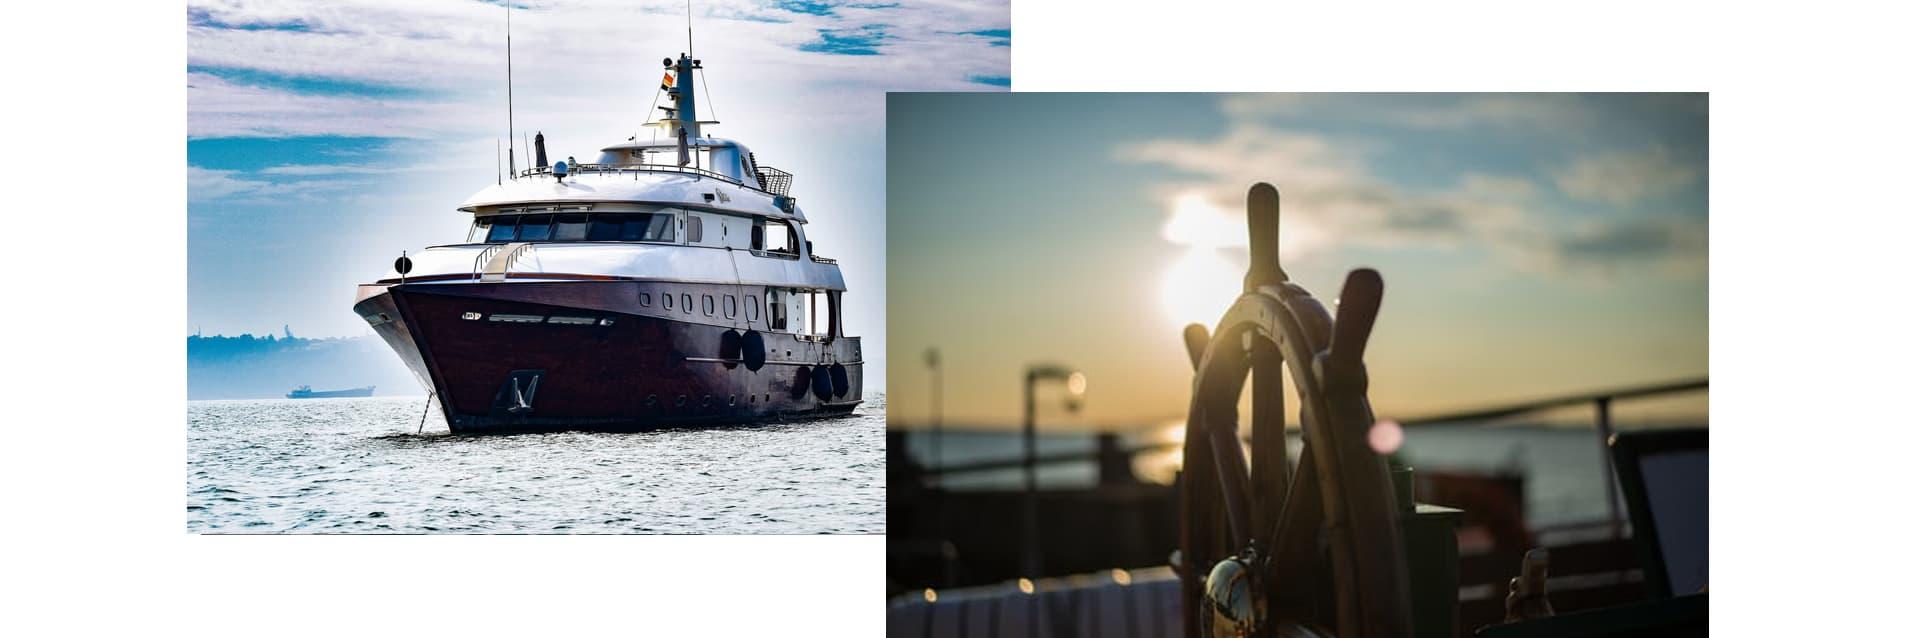 tekne-deniz-1